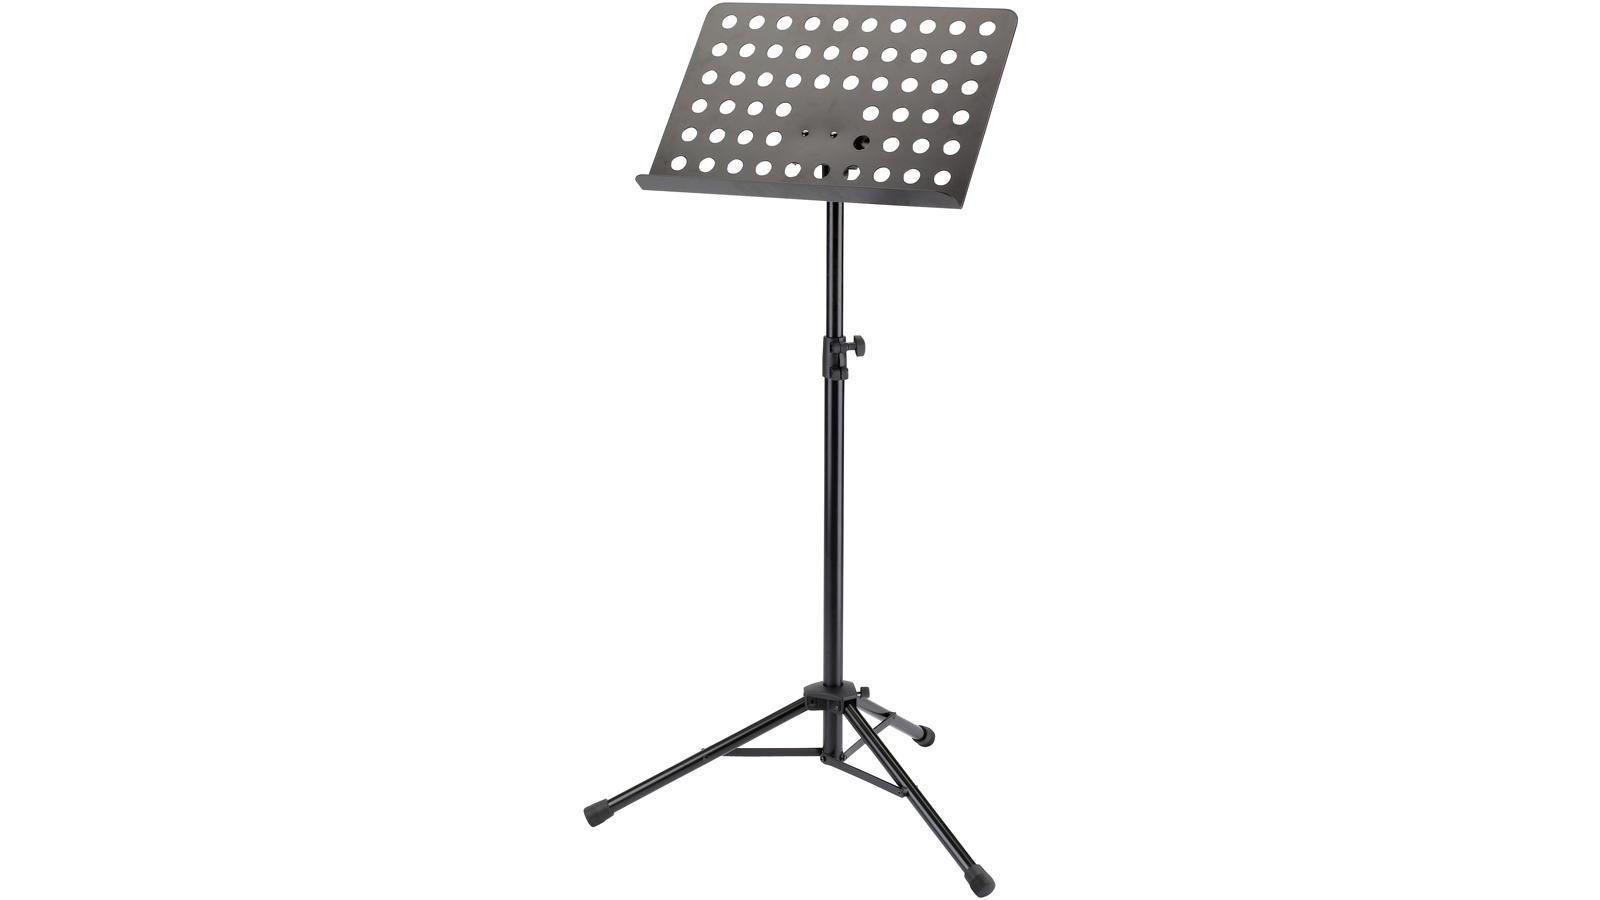 K&M Orchesternotenpult schwarz 11940-000-55